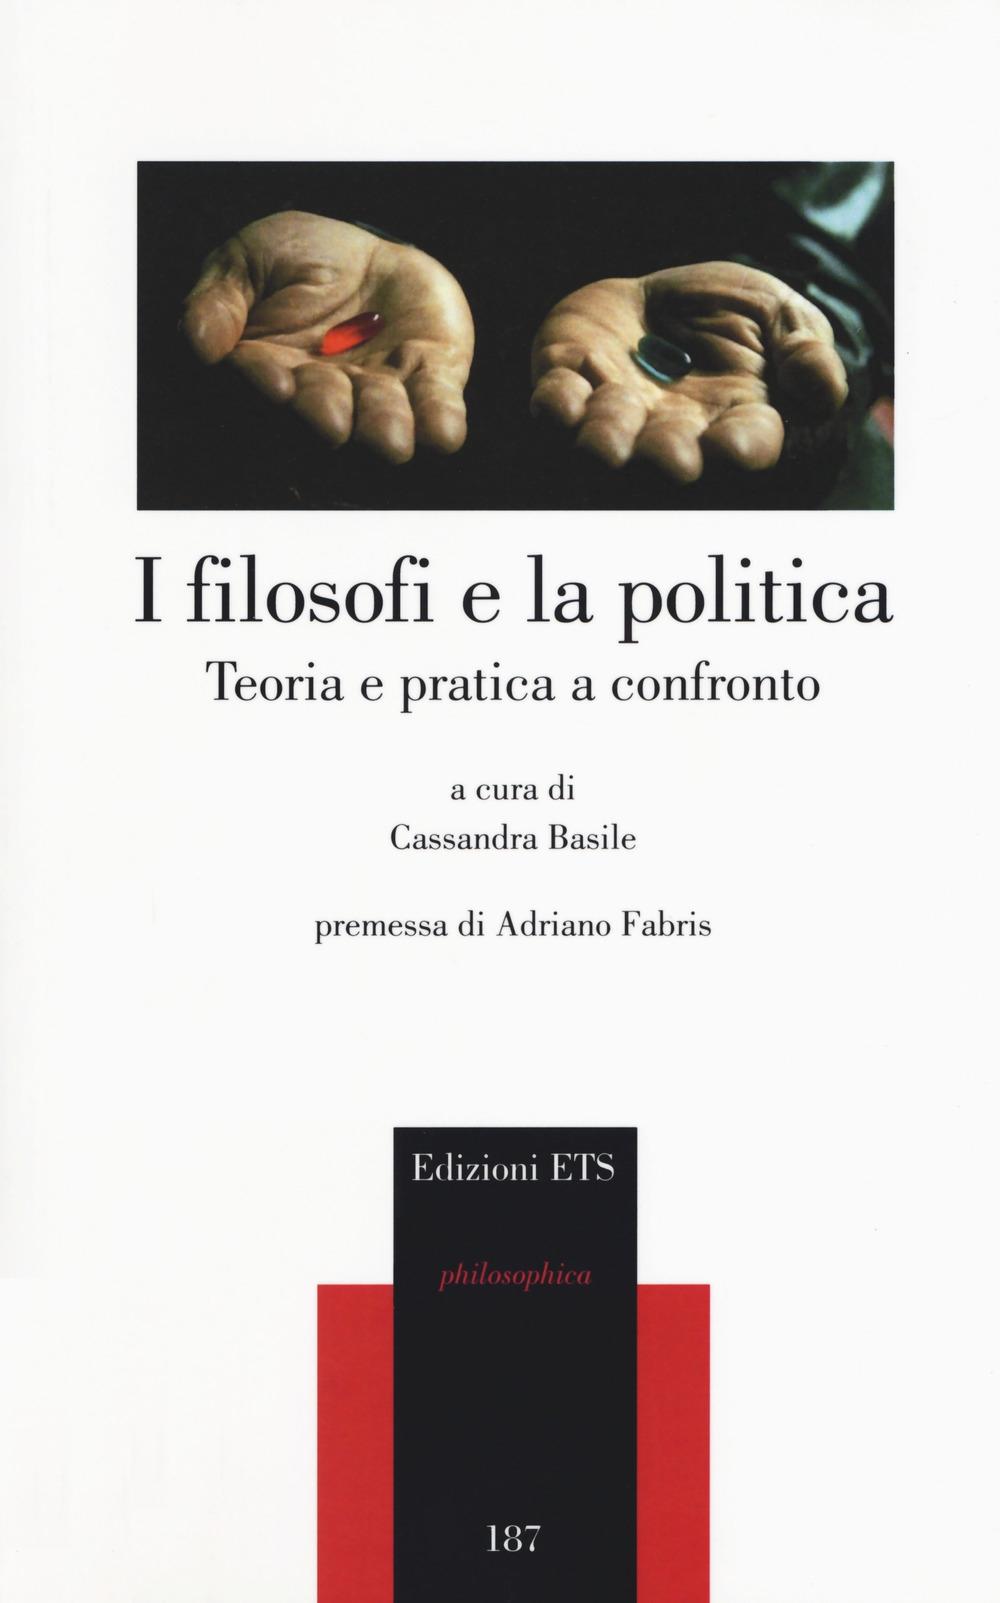 I filosofi e la politica. Teoria e pratica a confronto